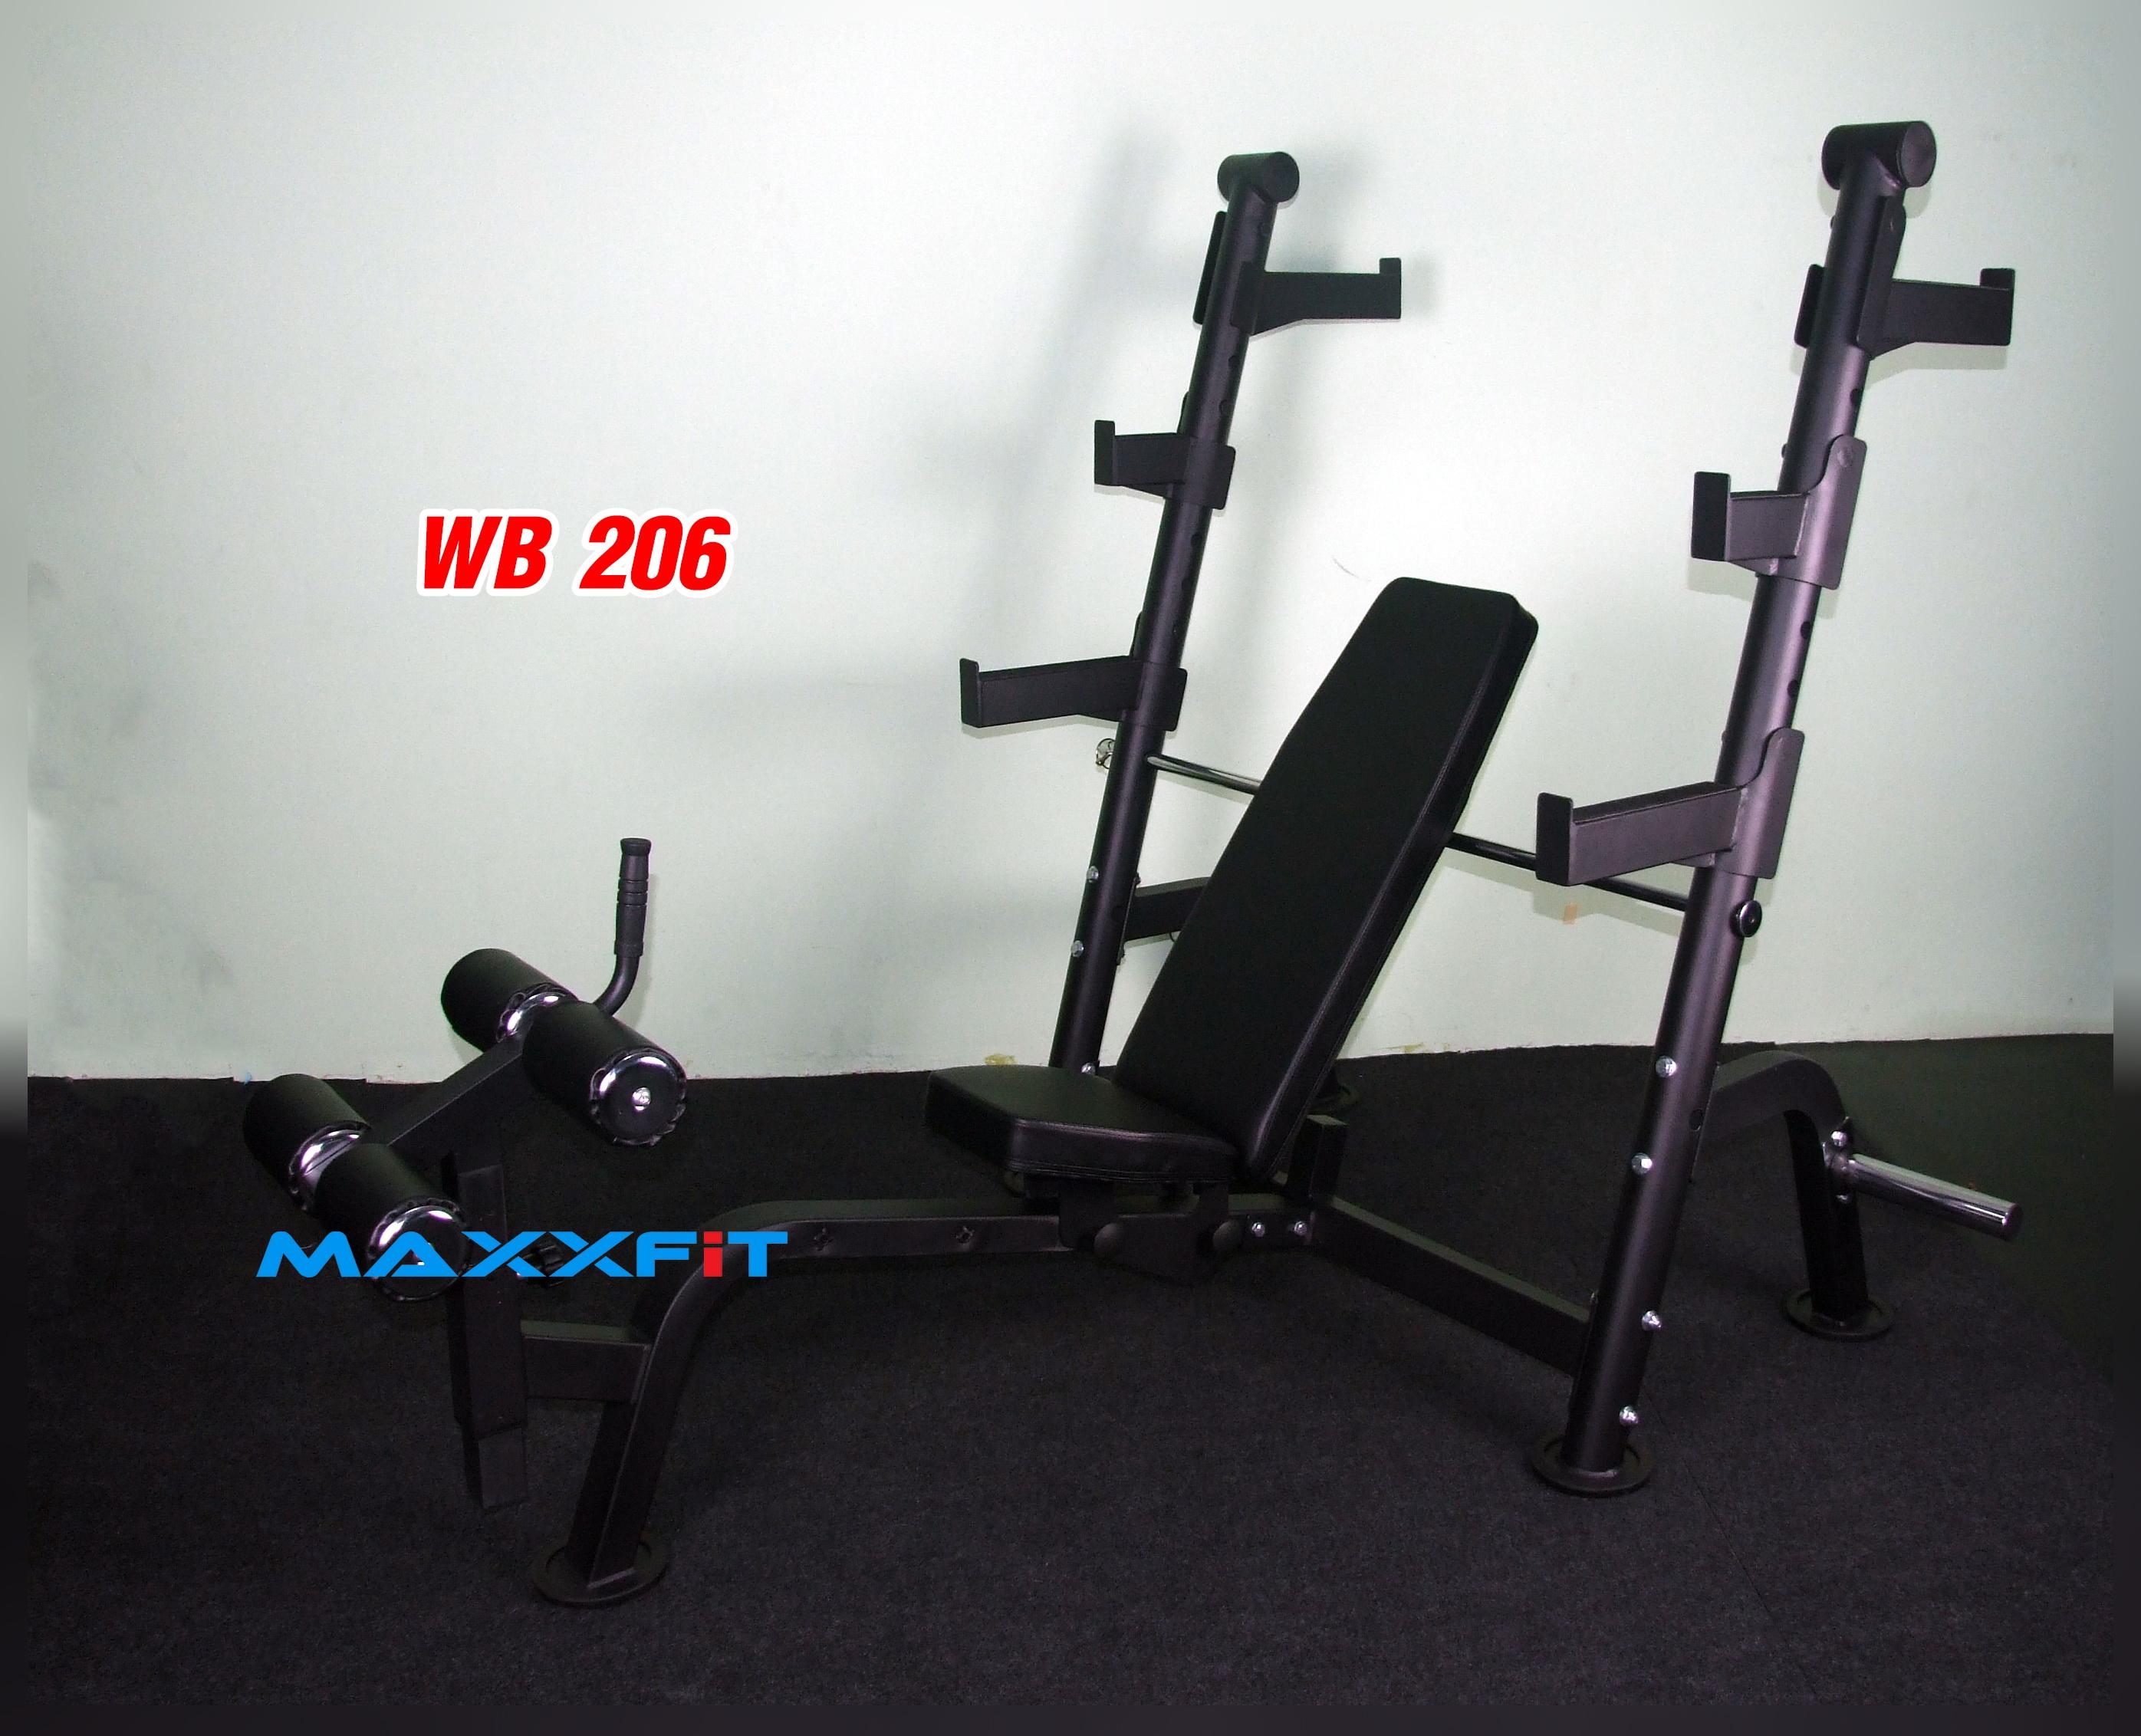 ขาย ม้านอนเล่นบาร์เบล MAXXFiT รุ่น WB206